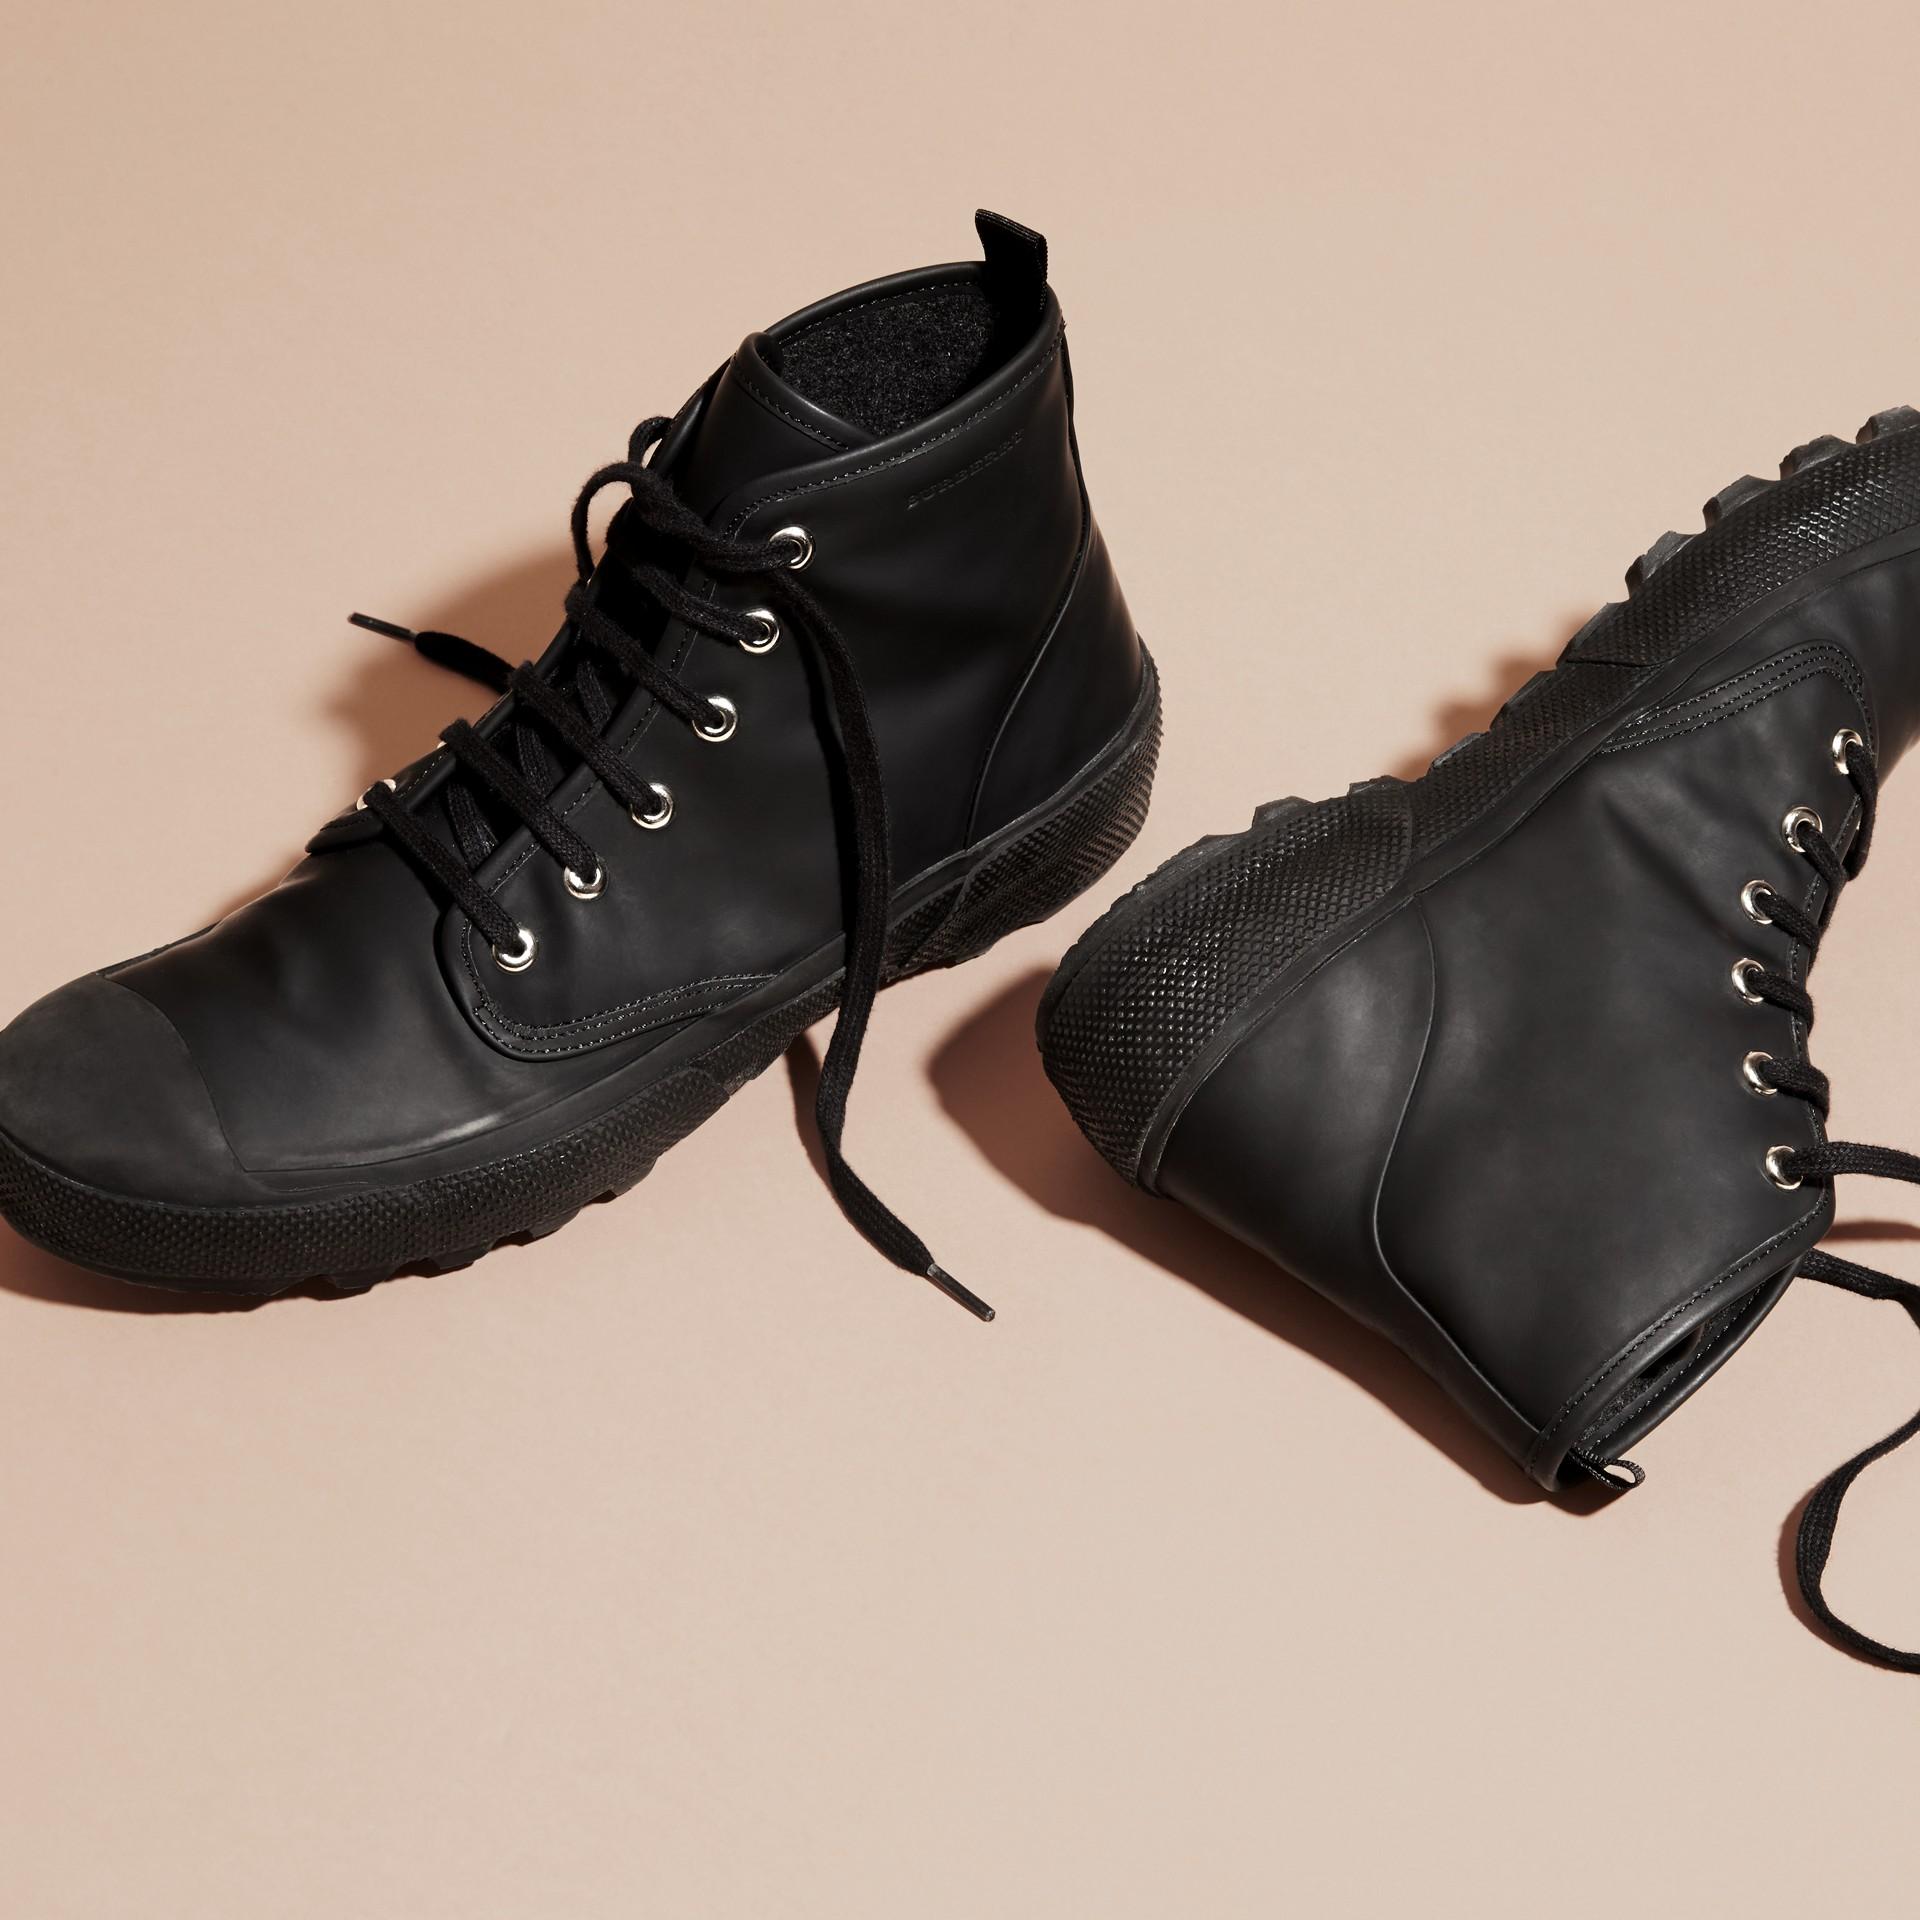 Nero Stivali con lacci in pelle gommata - immagine della galleria 6